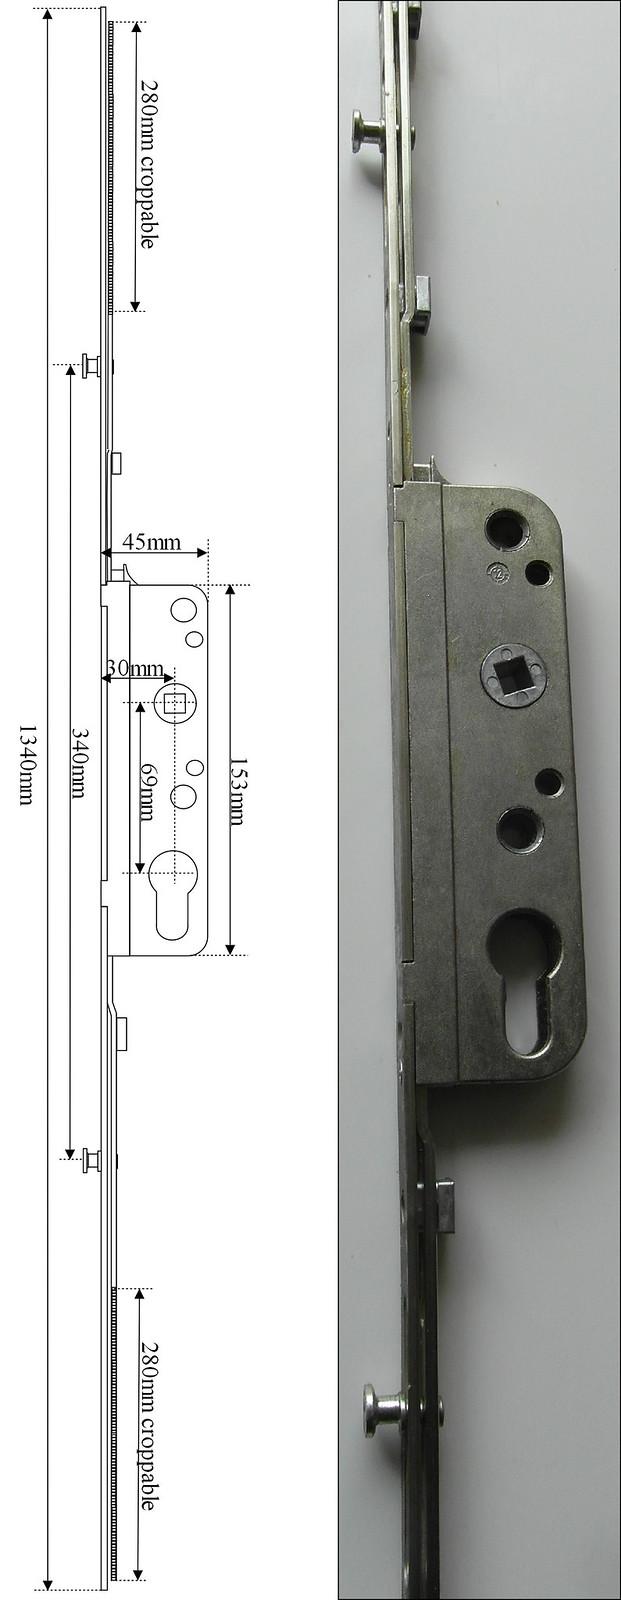 Gu 966 Ffh1621 1870 Gr55 Tilt And Slide Patio Door Lock